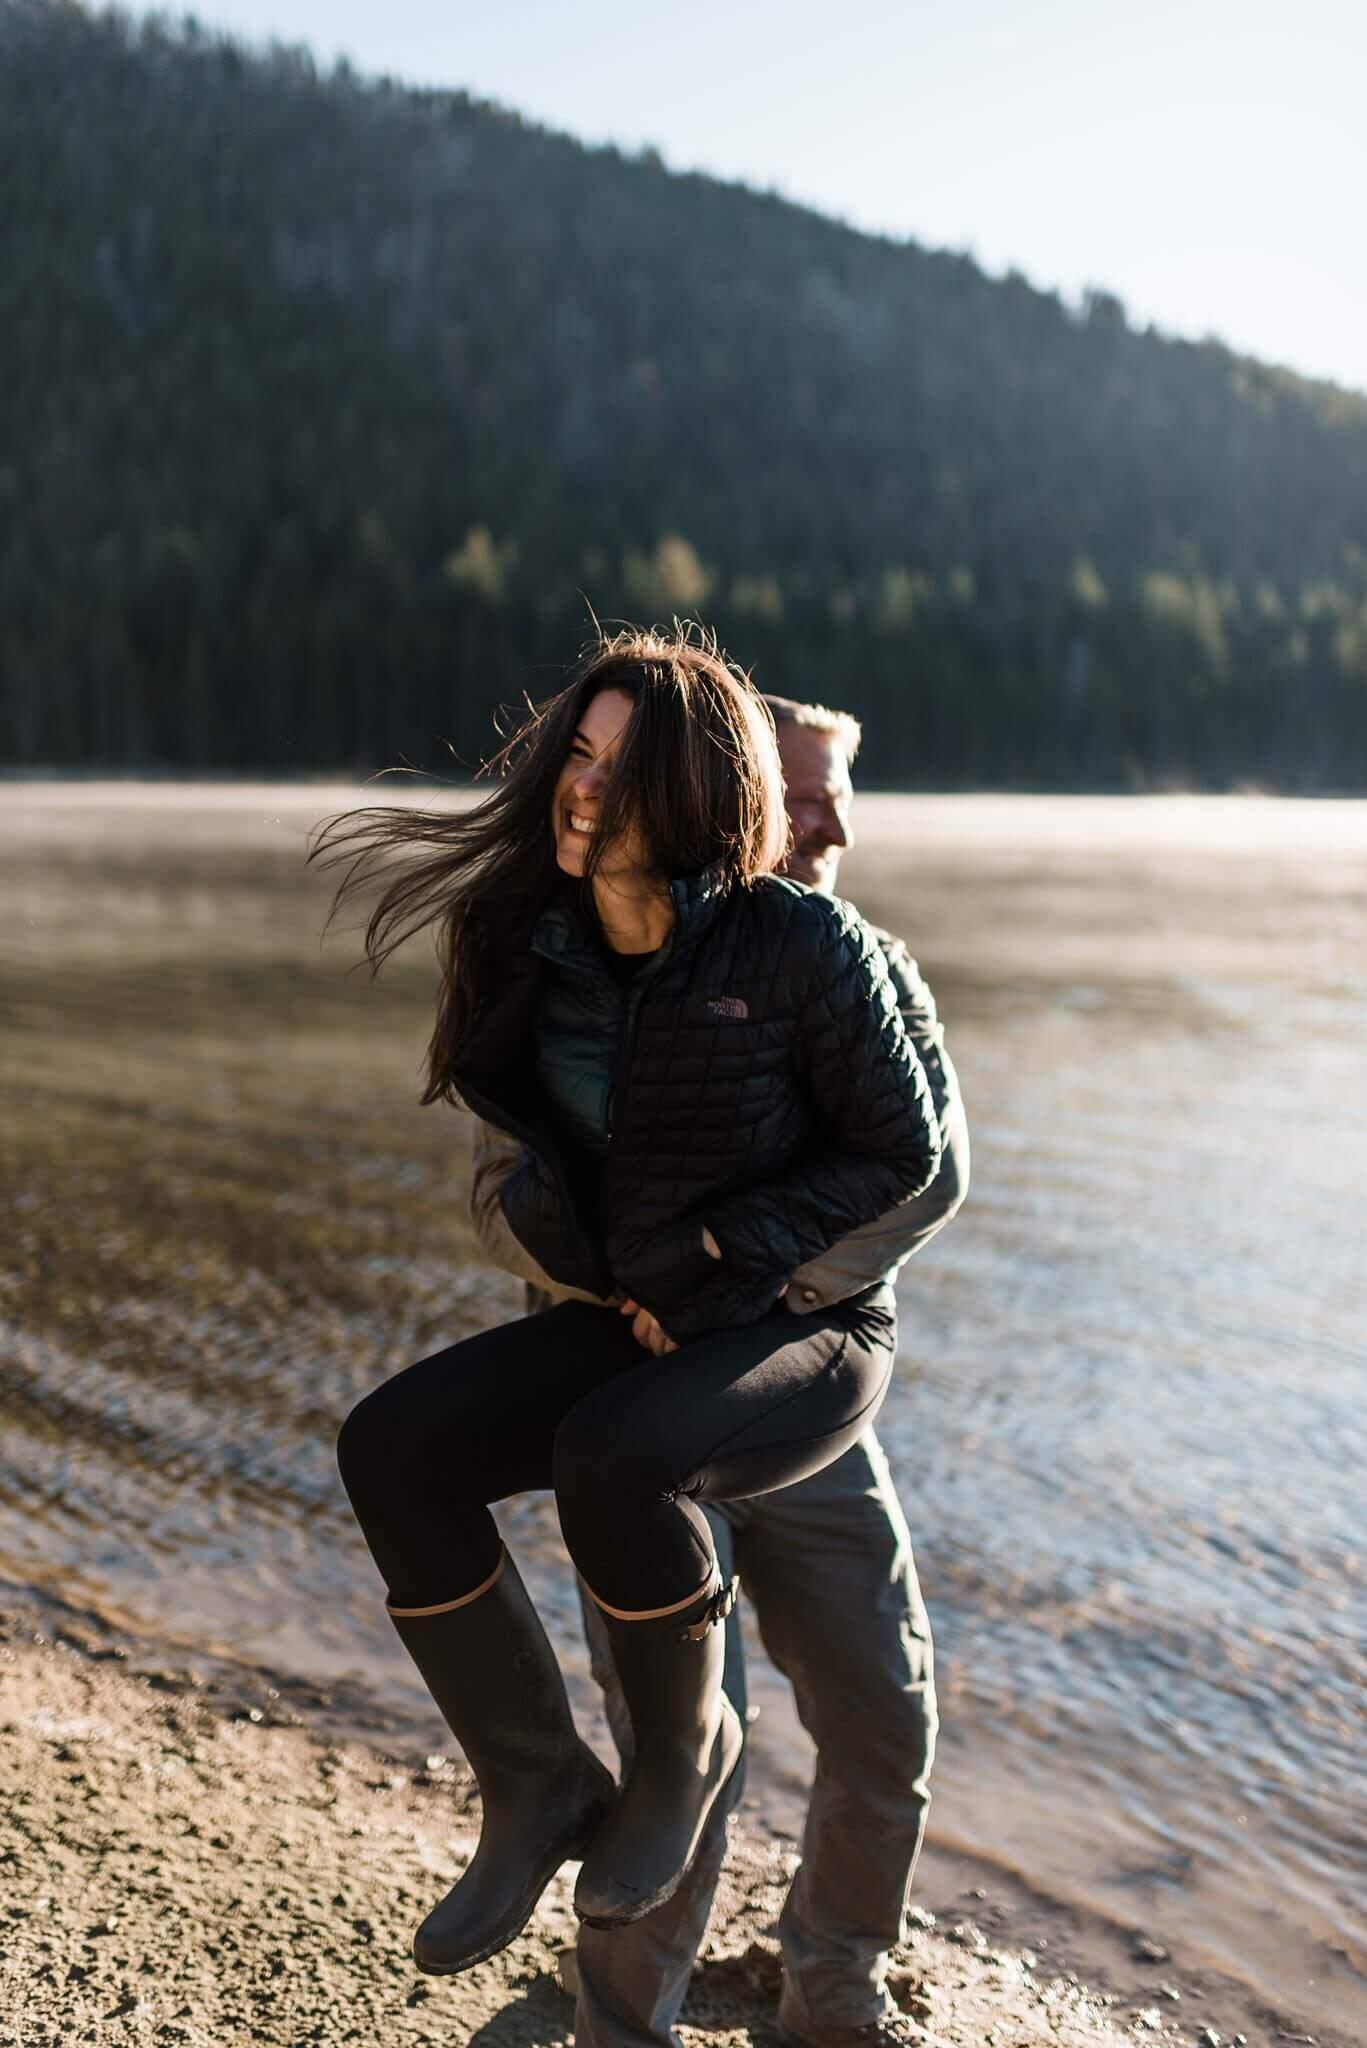 Canoe-Lake-Adventure-Engagement-Session-Oregon-Lemolo-S-Photography_0003.jpg